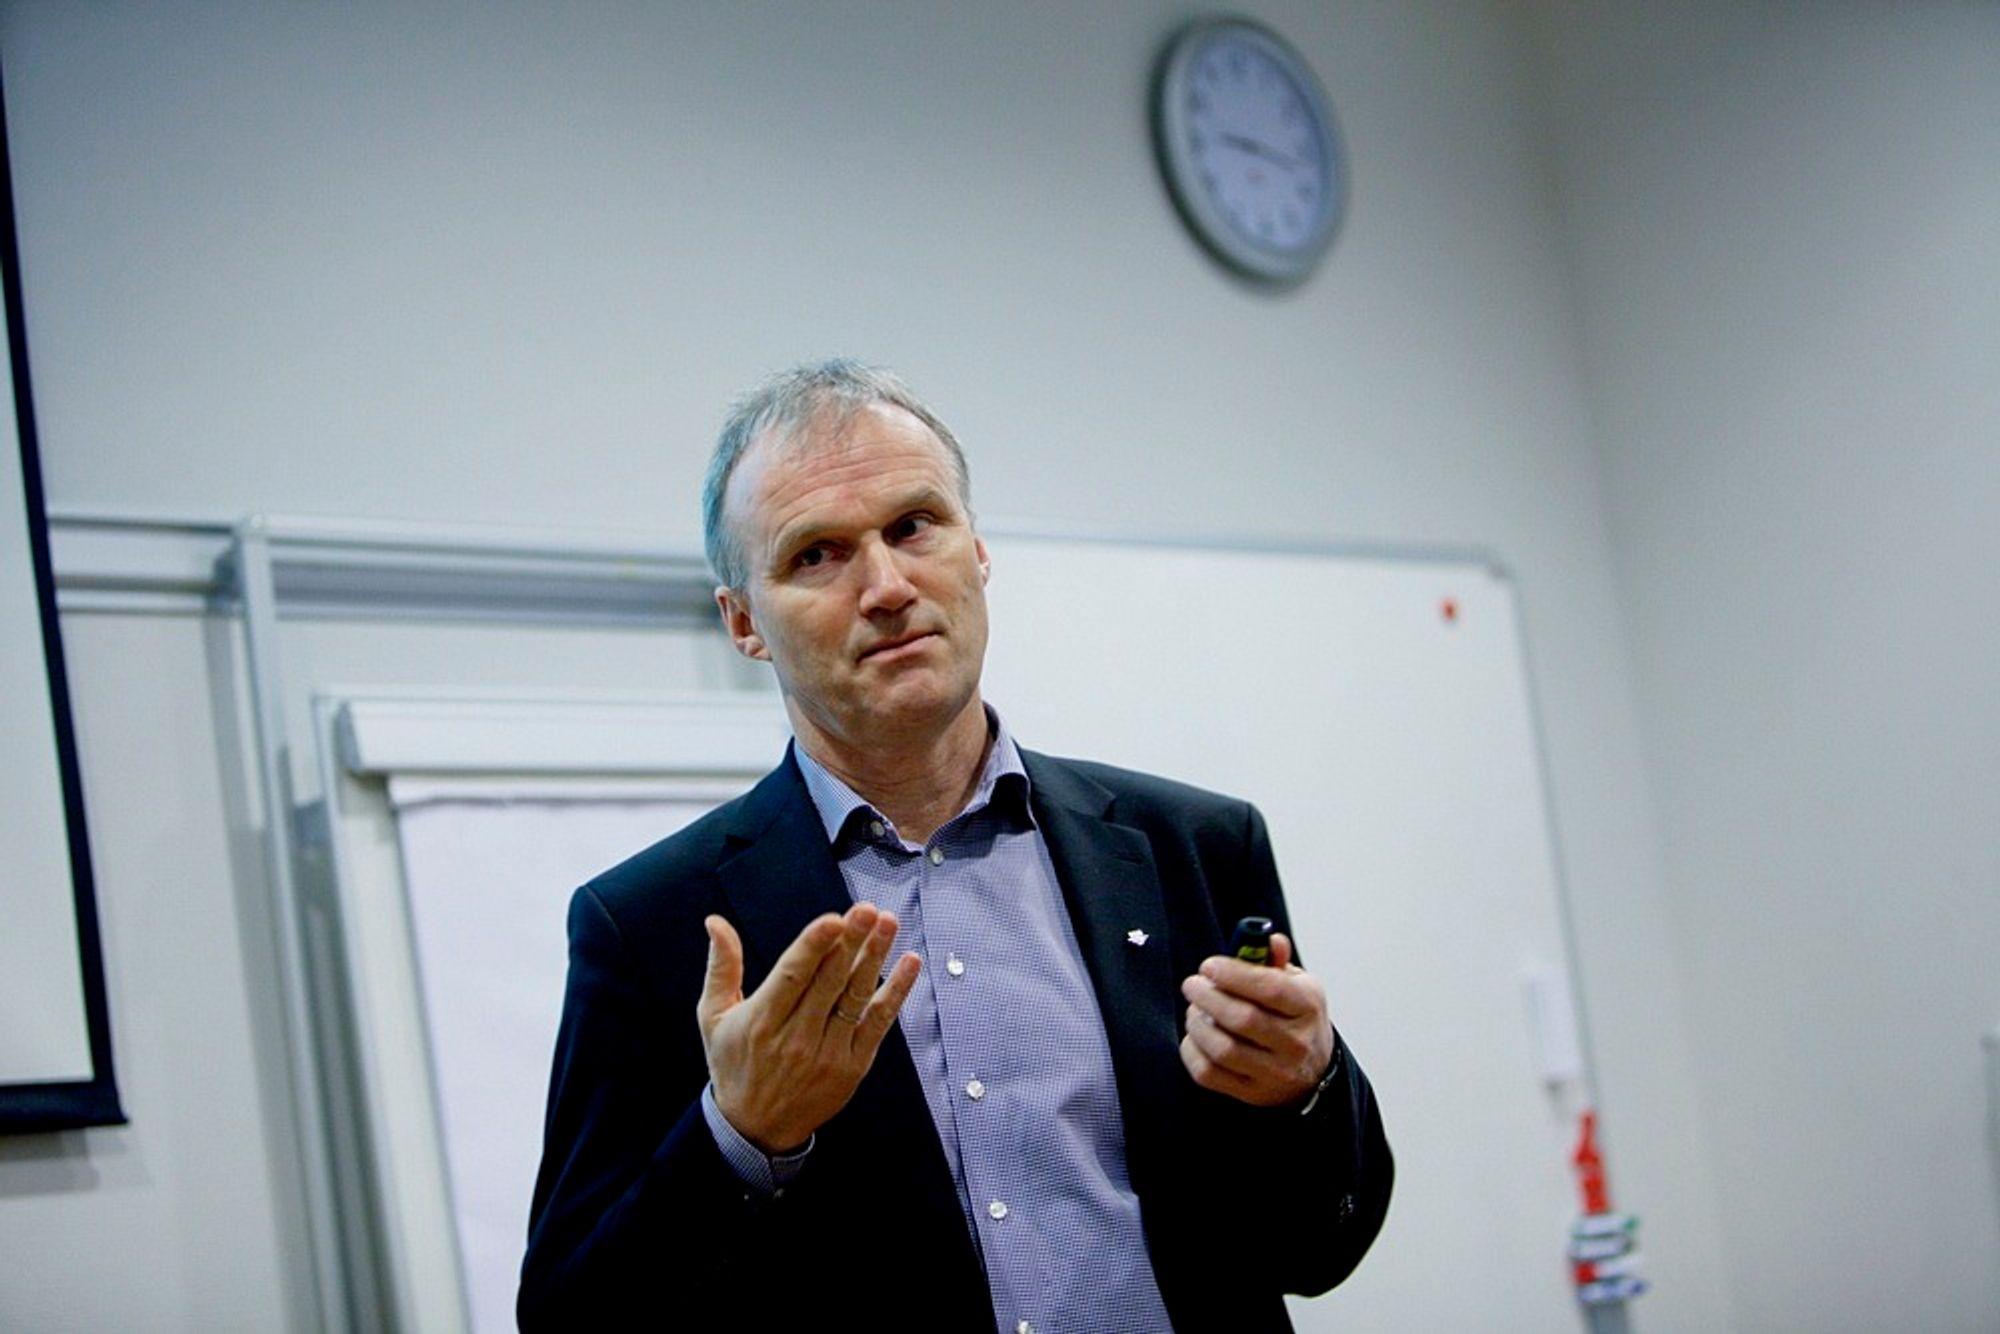 TRENGER FORNYELSE: Konsernsjef Geir Isaksen i NSB mener regjeringen ikke kommer til å nå målet om at kollektivtrafikken skal spise befolkningsveksten i Stor-Oslo. Bildet ble tatt under resultatpresentasjonen i februar.